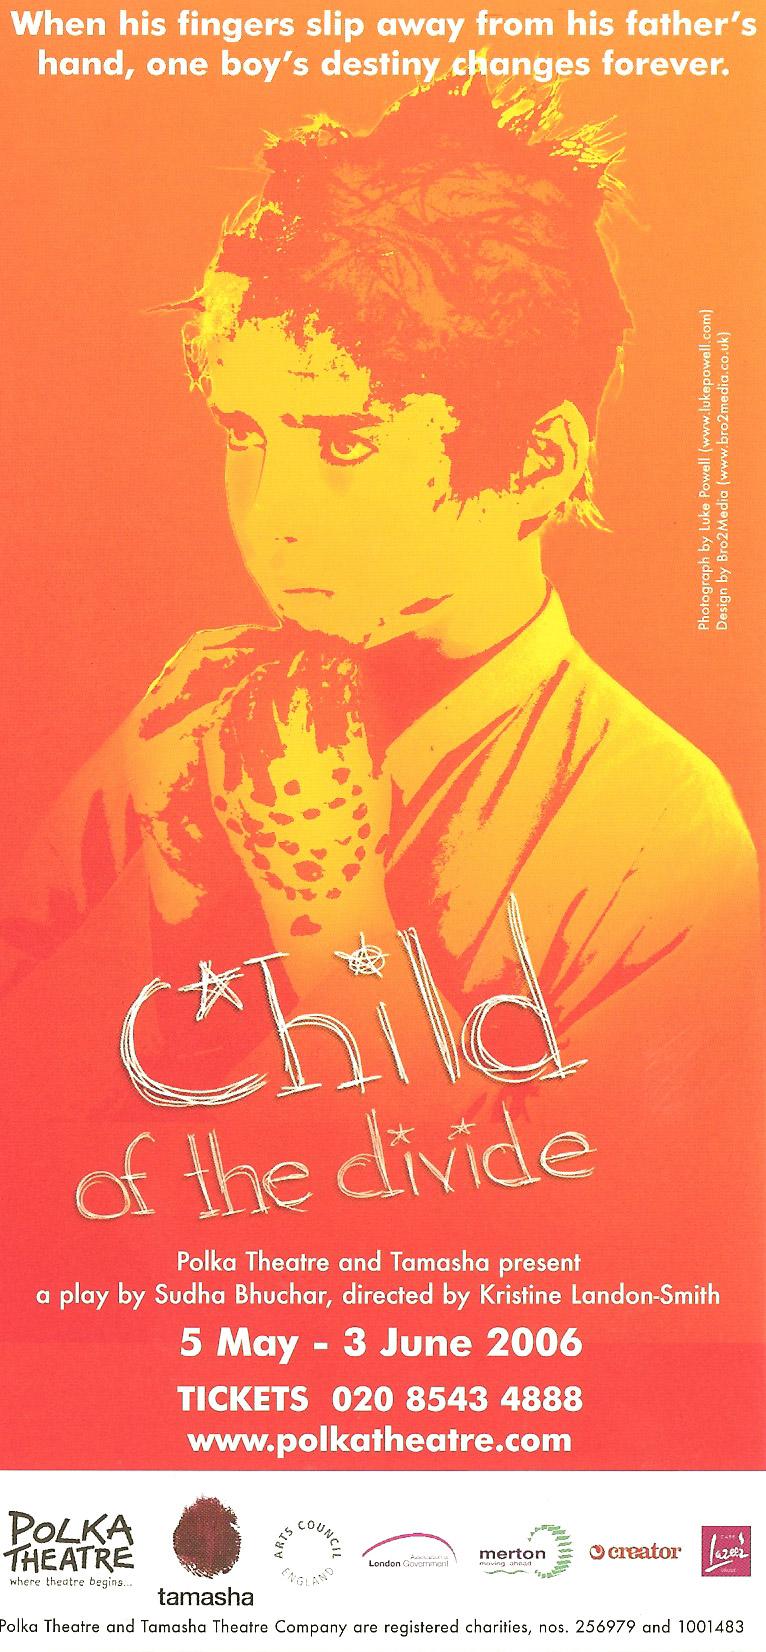 Child-of-divide_leaflet.jpg